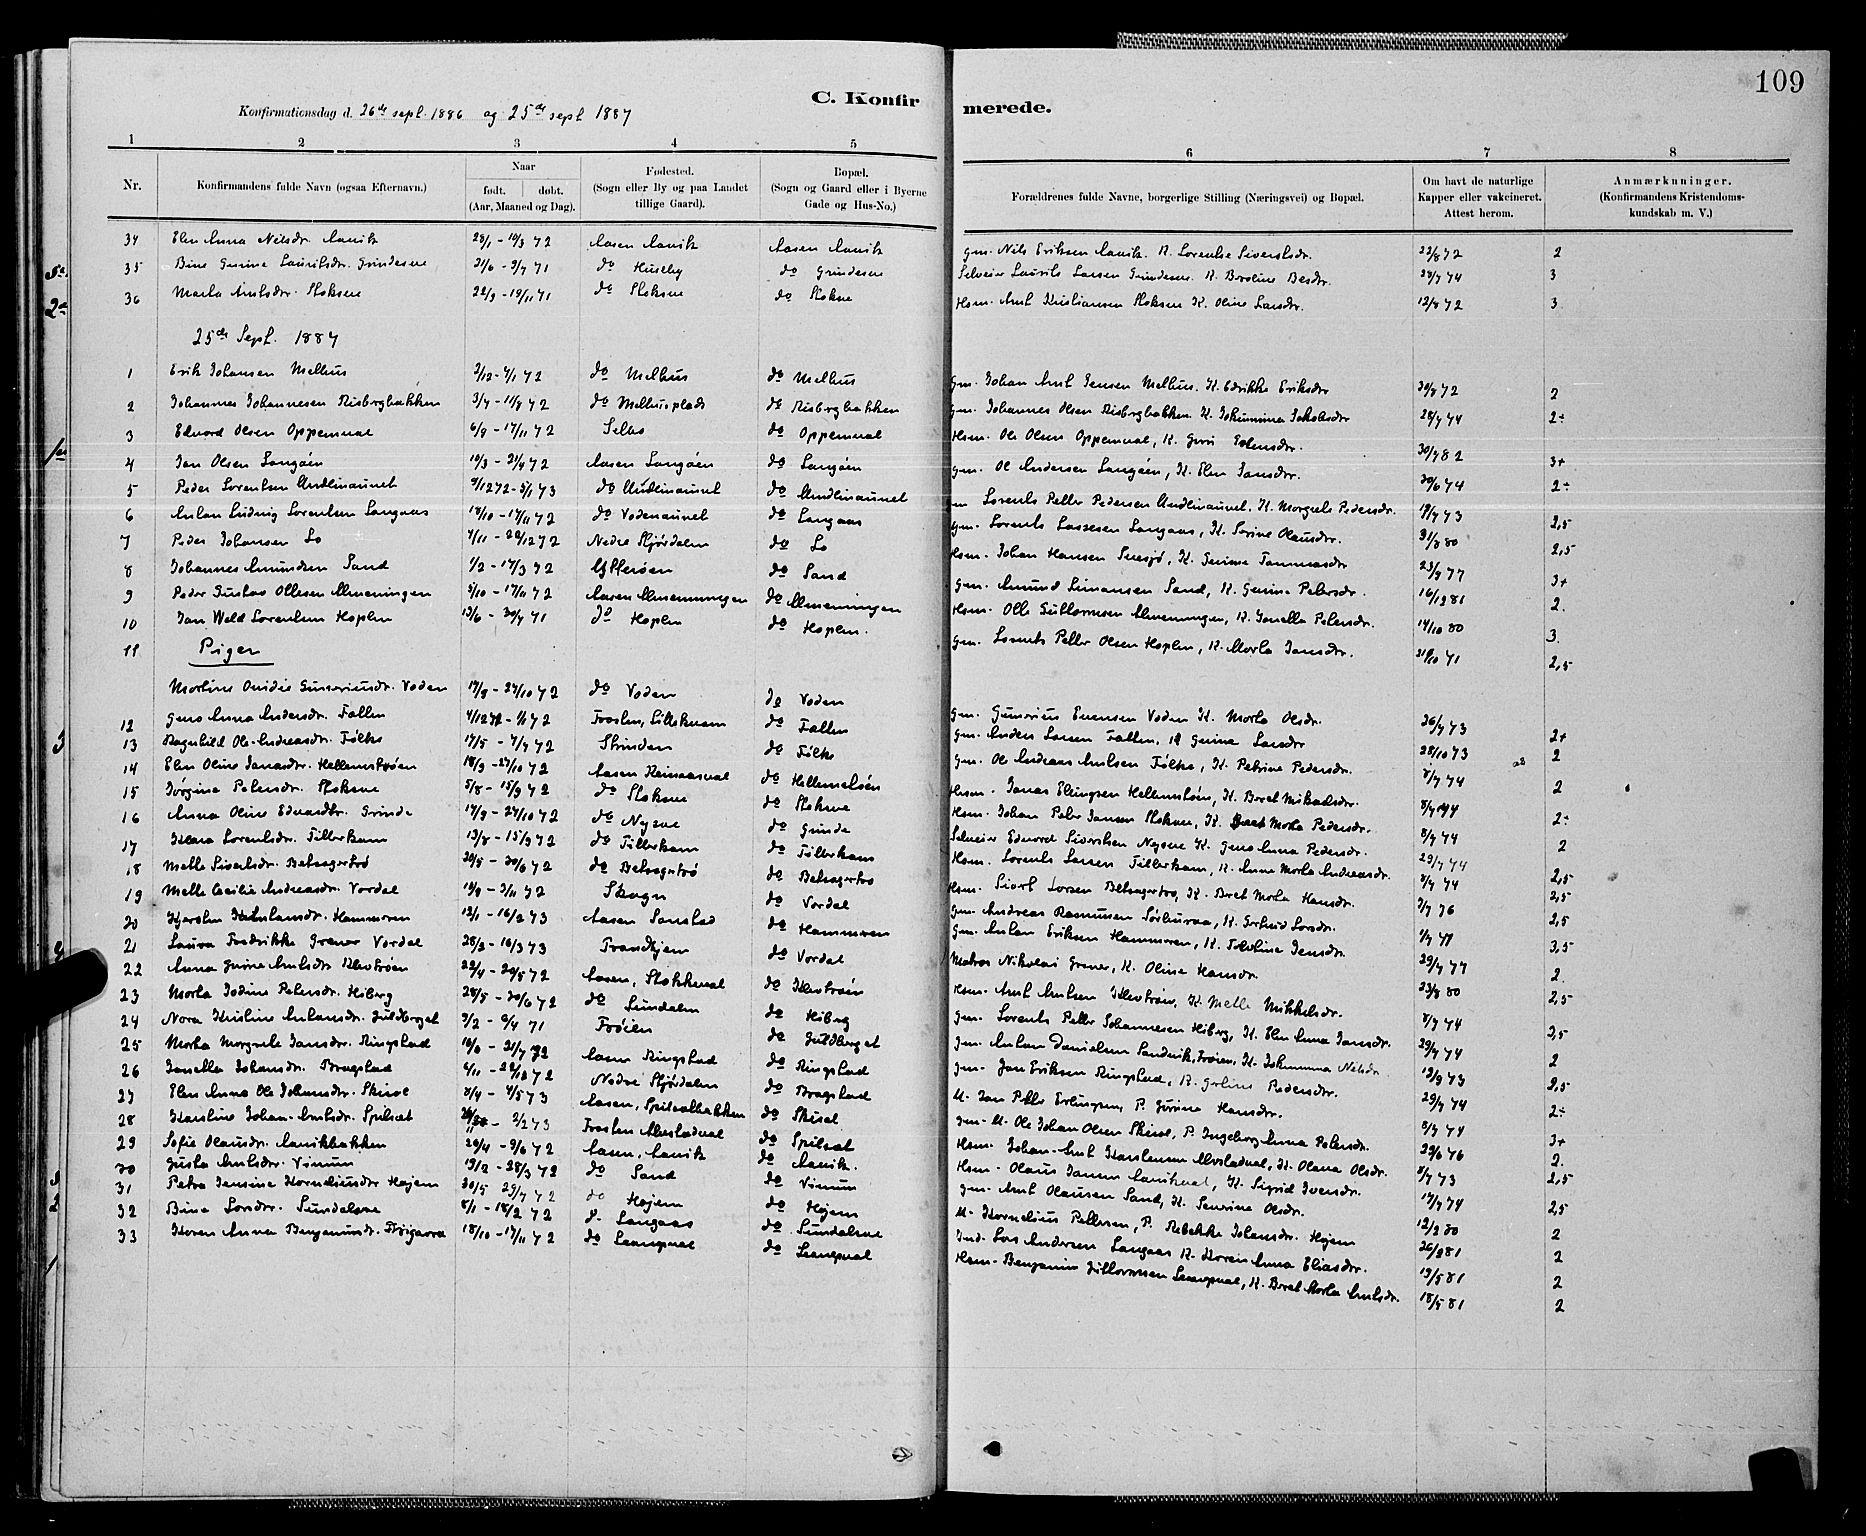 SAT, Ministerialprotokoller, klokkerbøker og fødselsregistre - Nord-Trøndelag, 714/L0134: Klokkerbok nr. 714C03, 1878-1898, s. 109